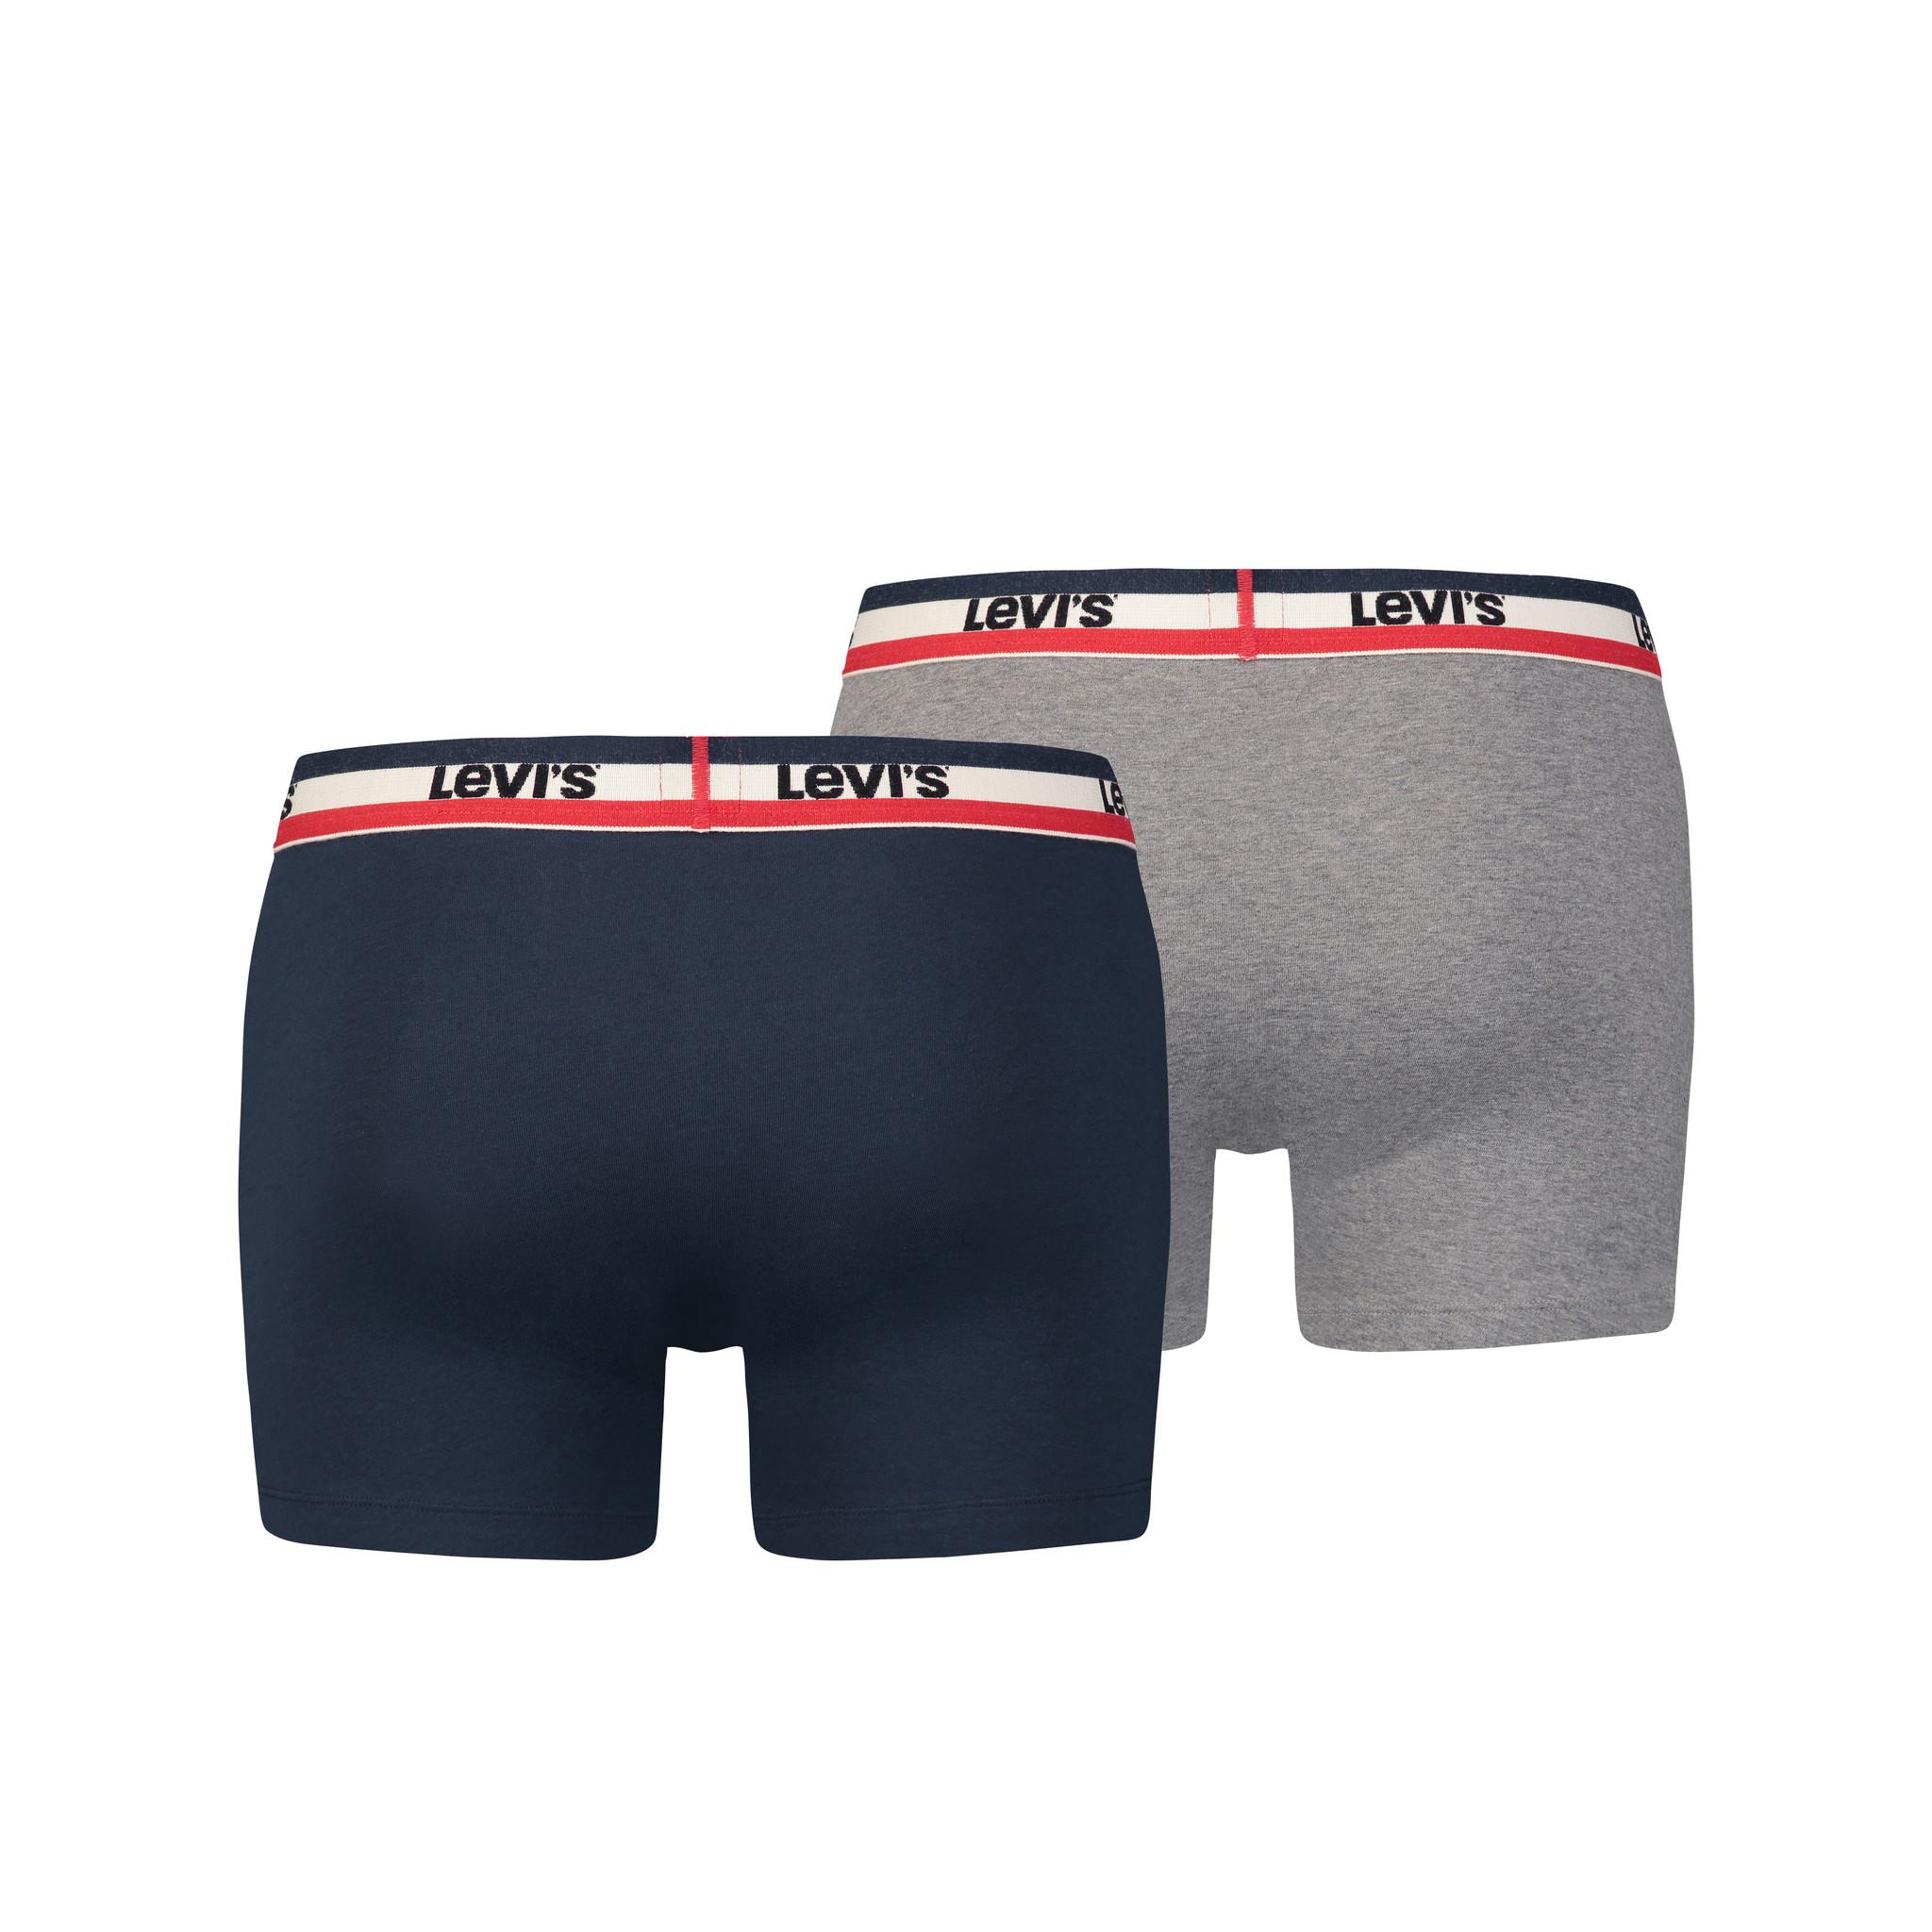 LEVIS boxer lot de 2 bleu et gris-2